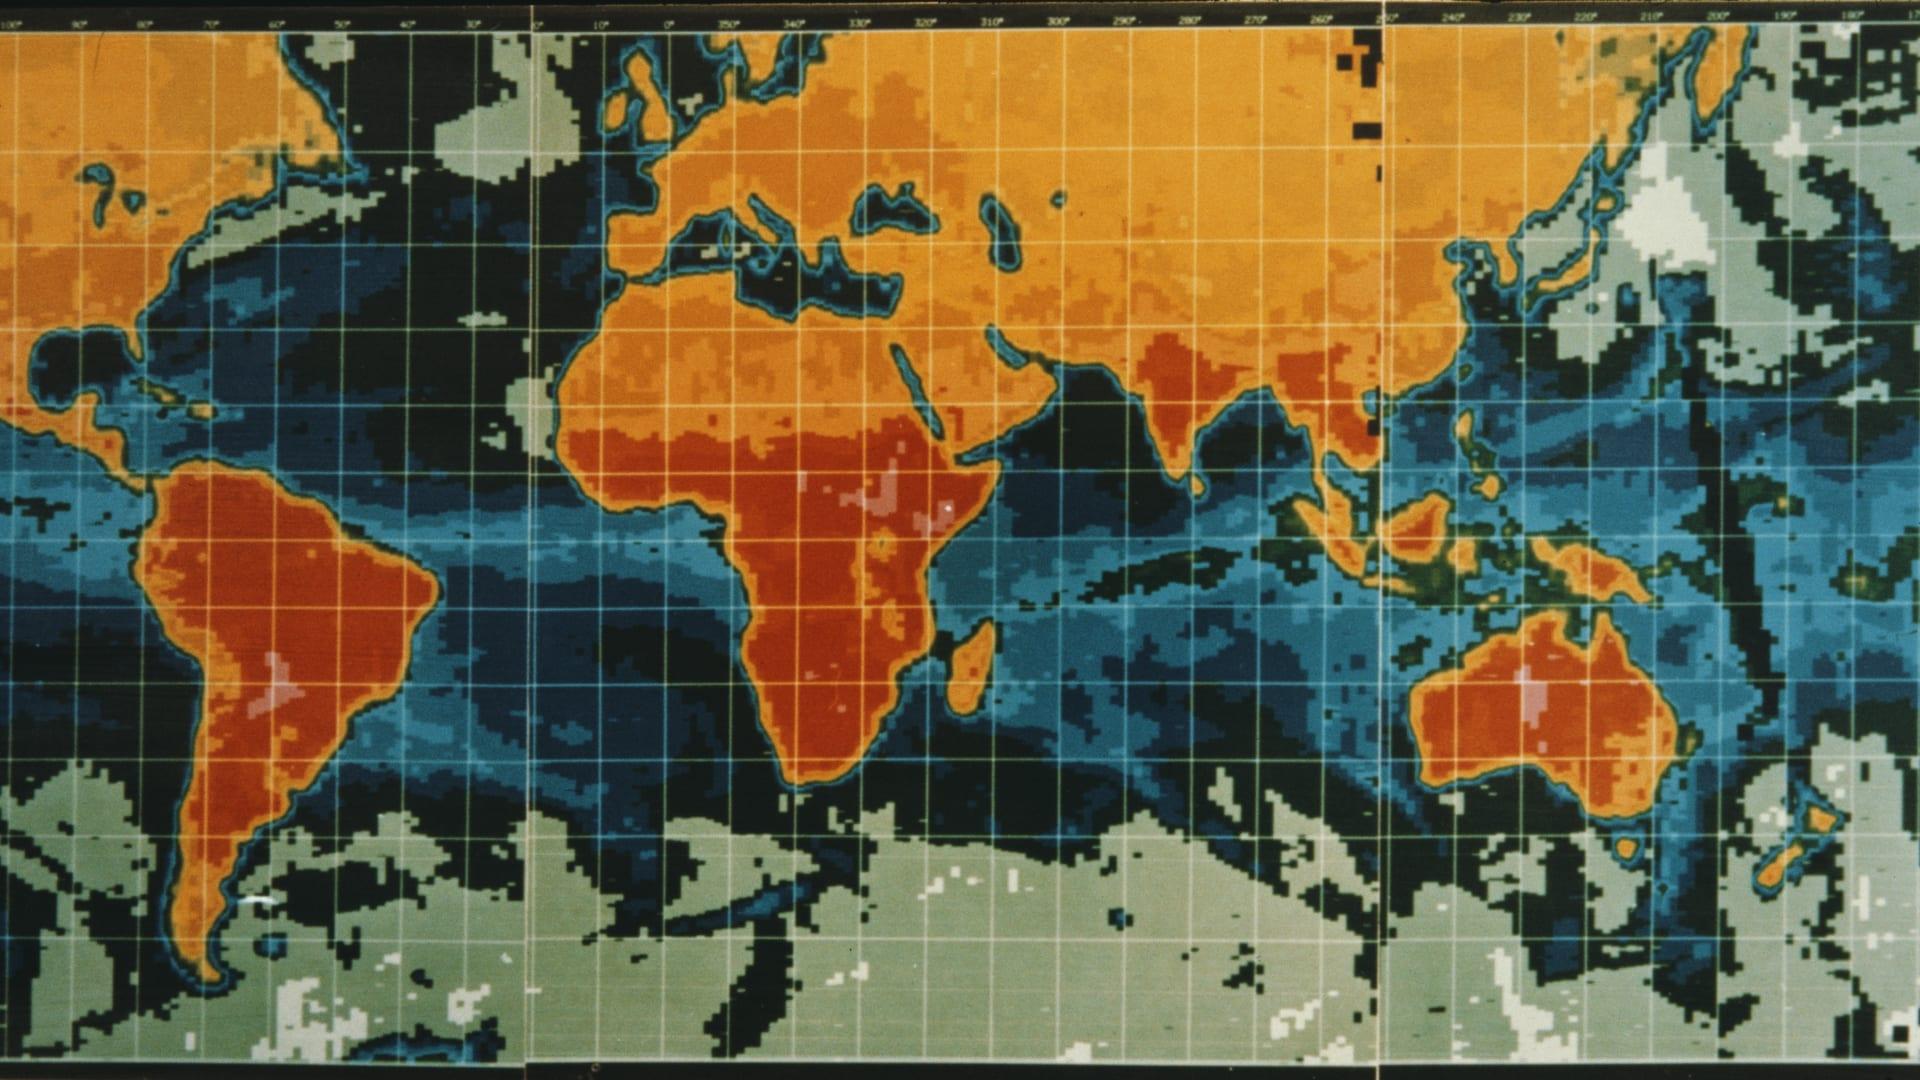 منظمة الصحة العالمية: هناك احتمال بانتشار أكبر لفيروس كورونا